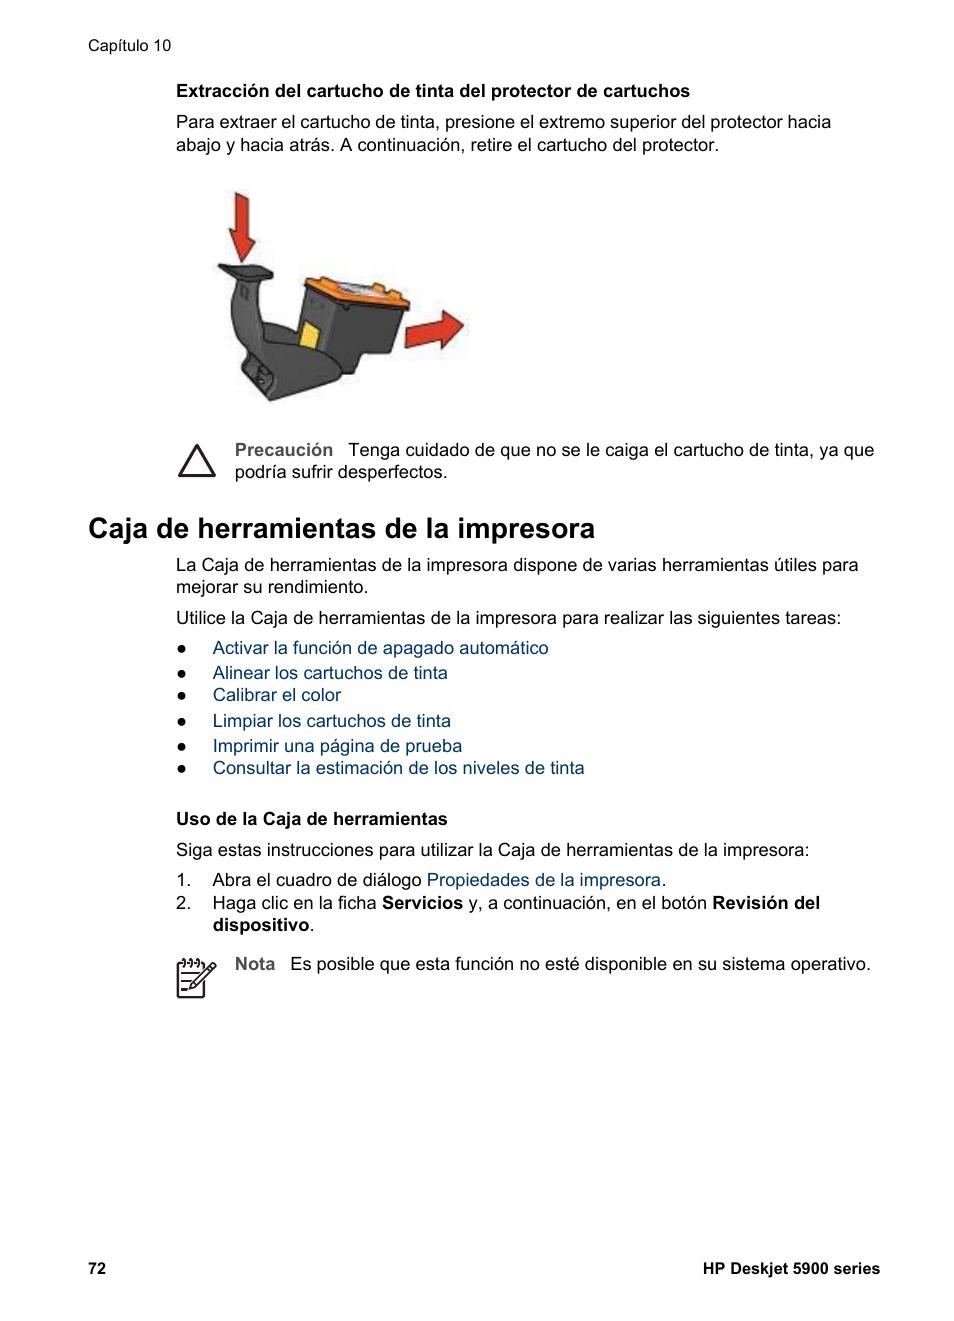 Caja de herramientas de la impresora, Caja de, Herramientas   HP ...